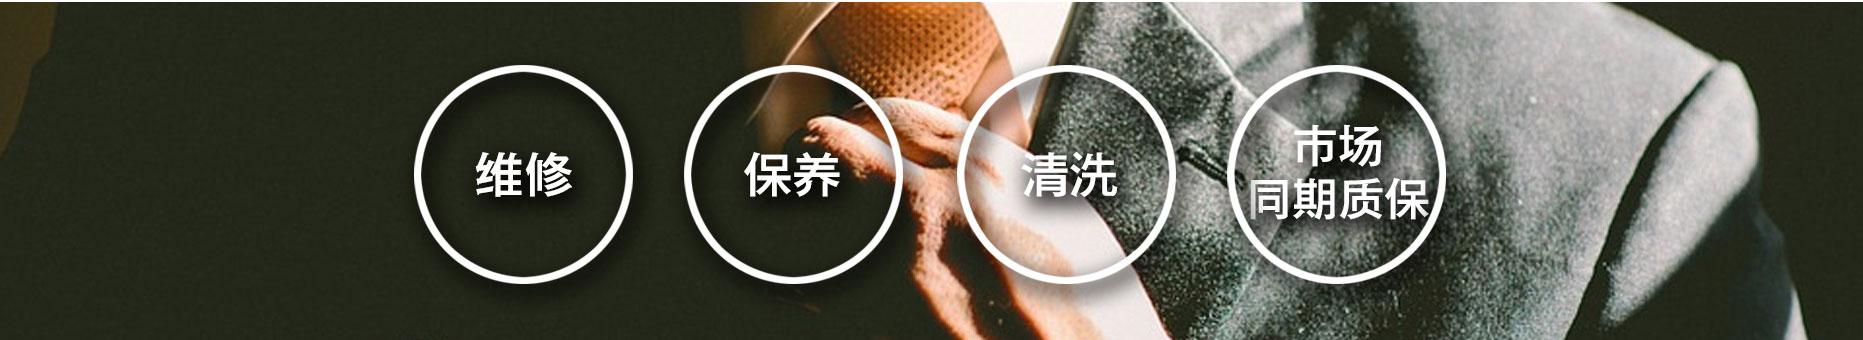 365体育官方中文版下载_365体育游戏_365清流体育直播采购